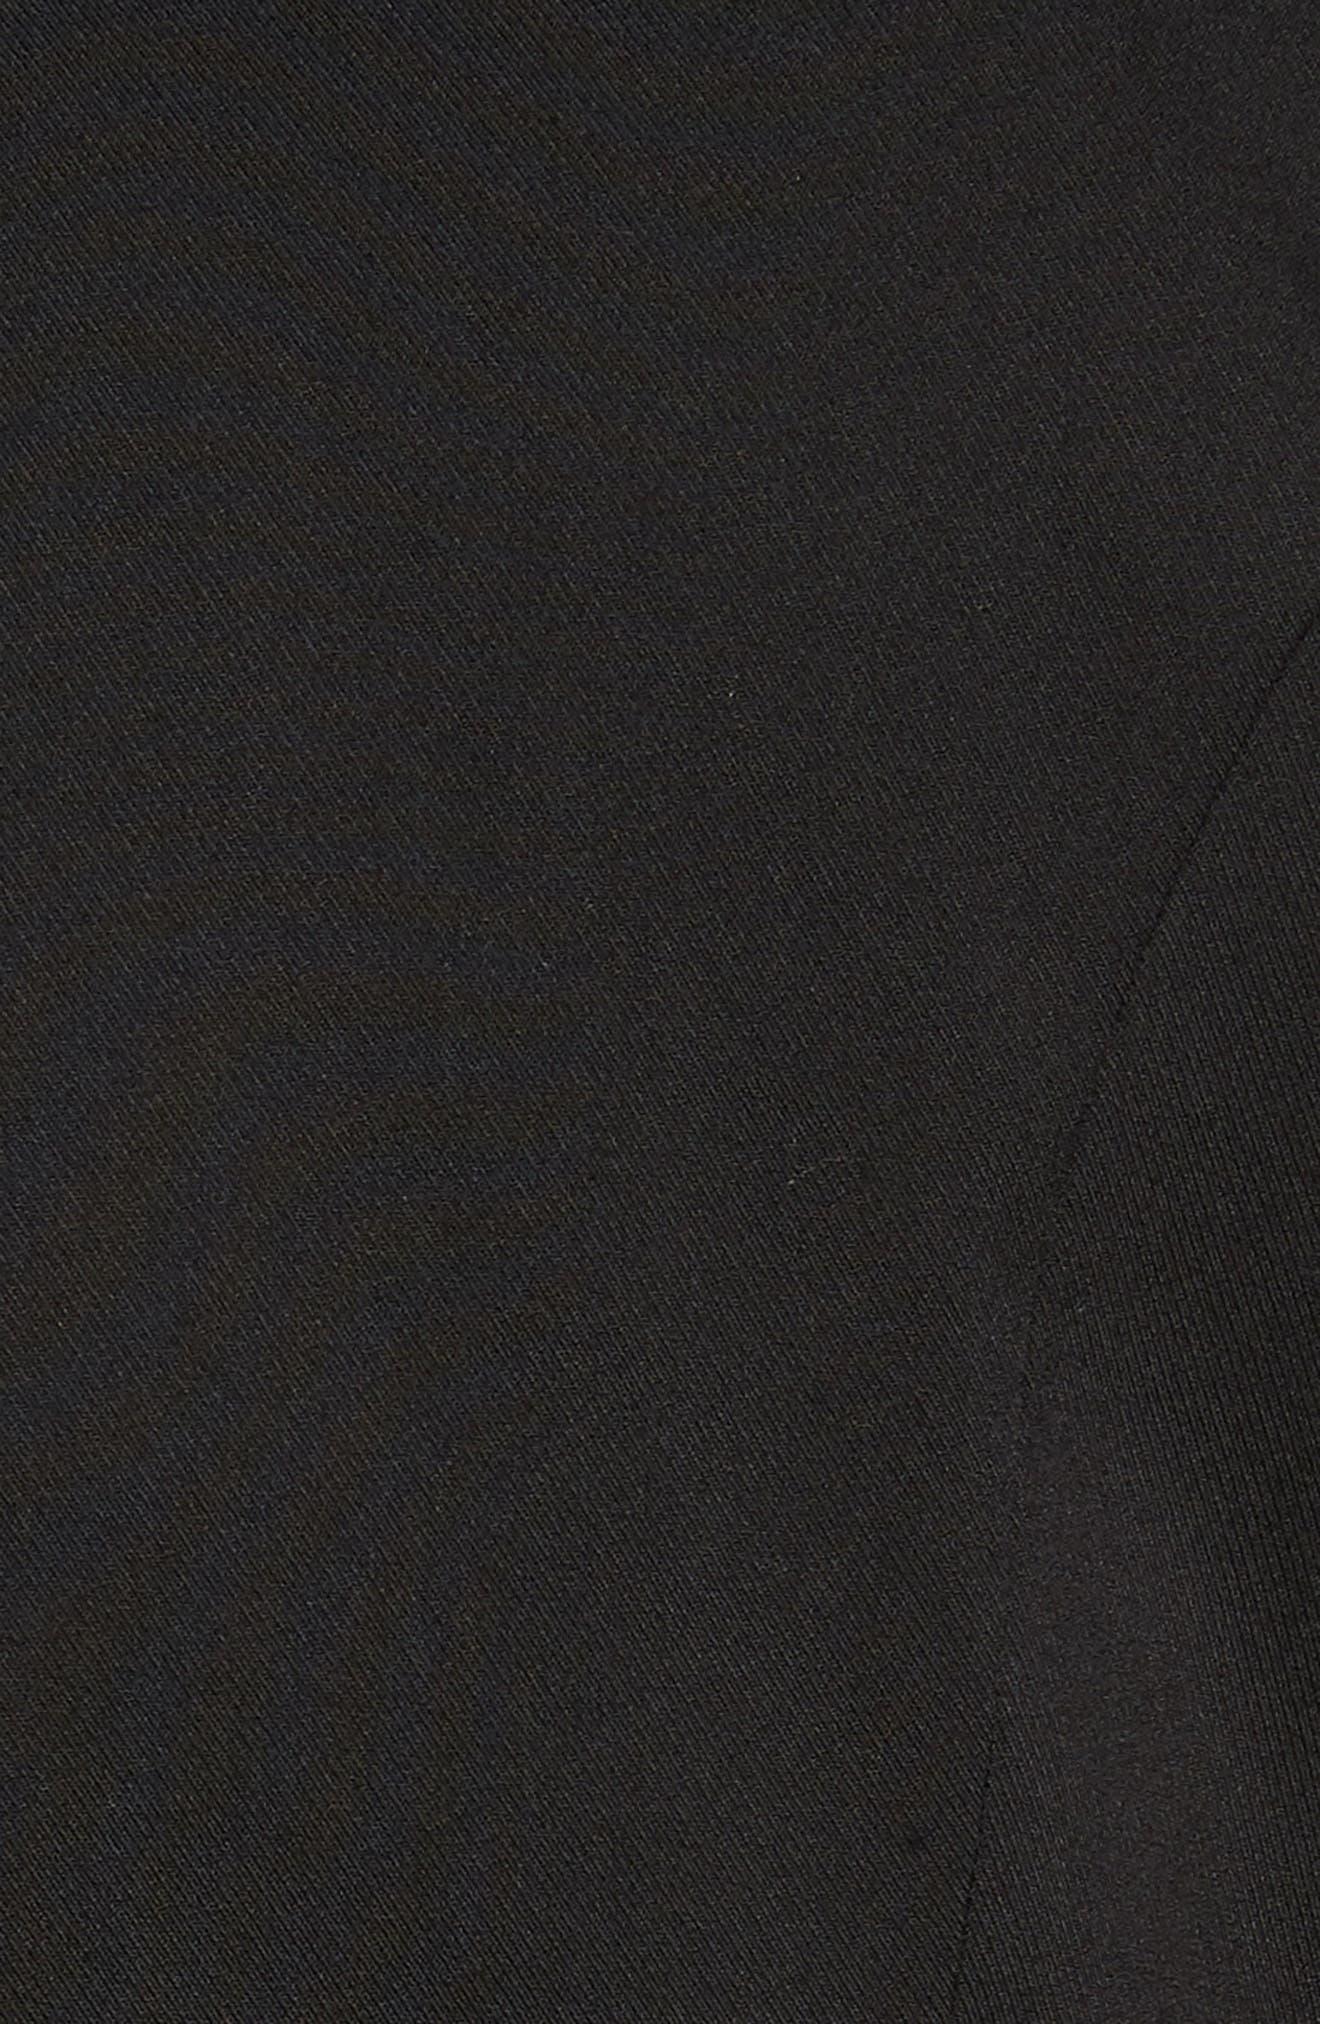 Puff Shoulder Jacket,                             Alternate thumbnail 5, color,                             Black